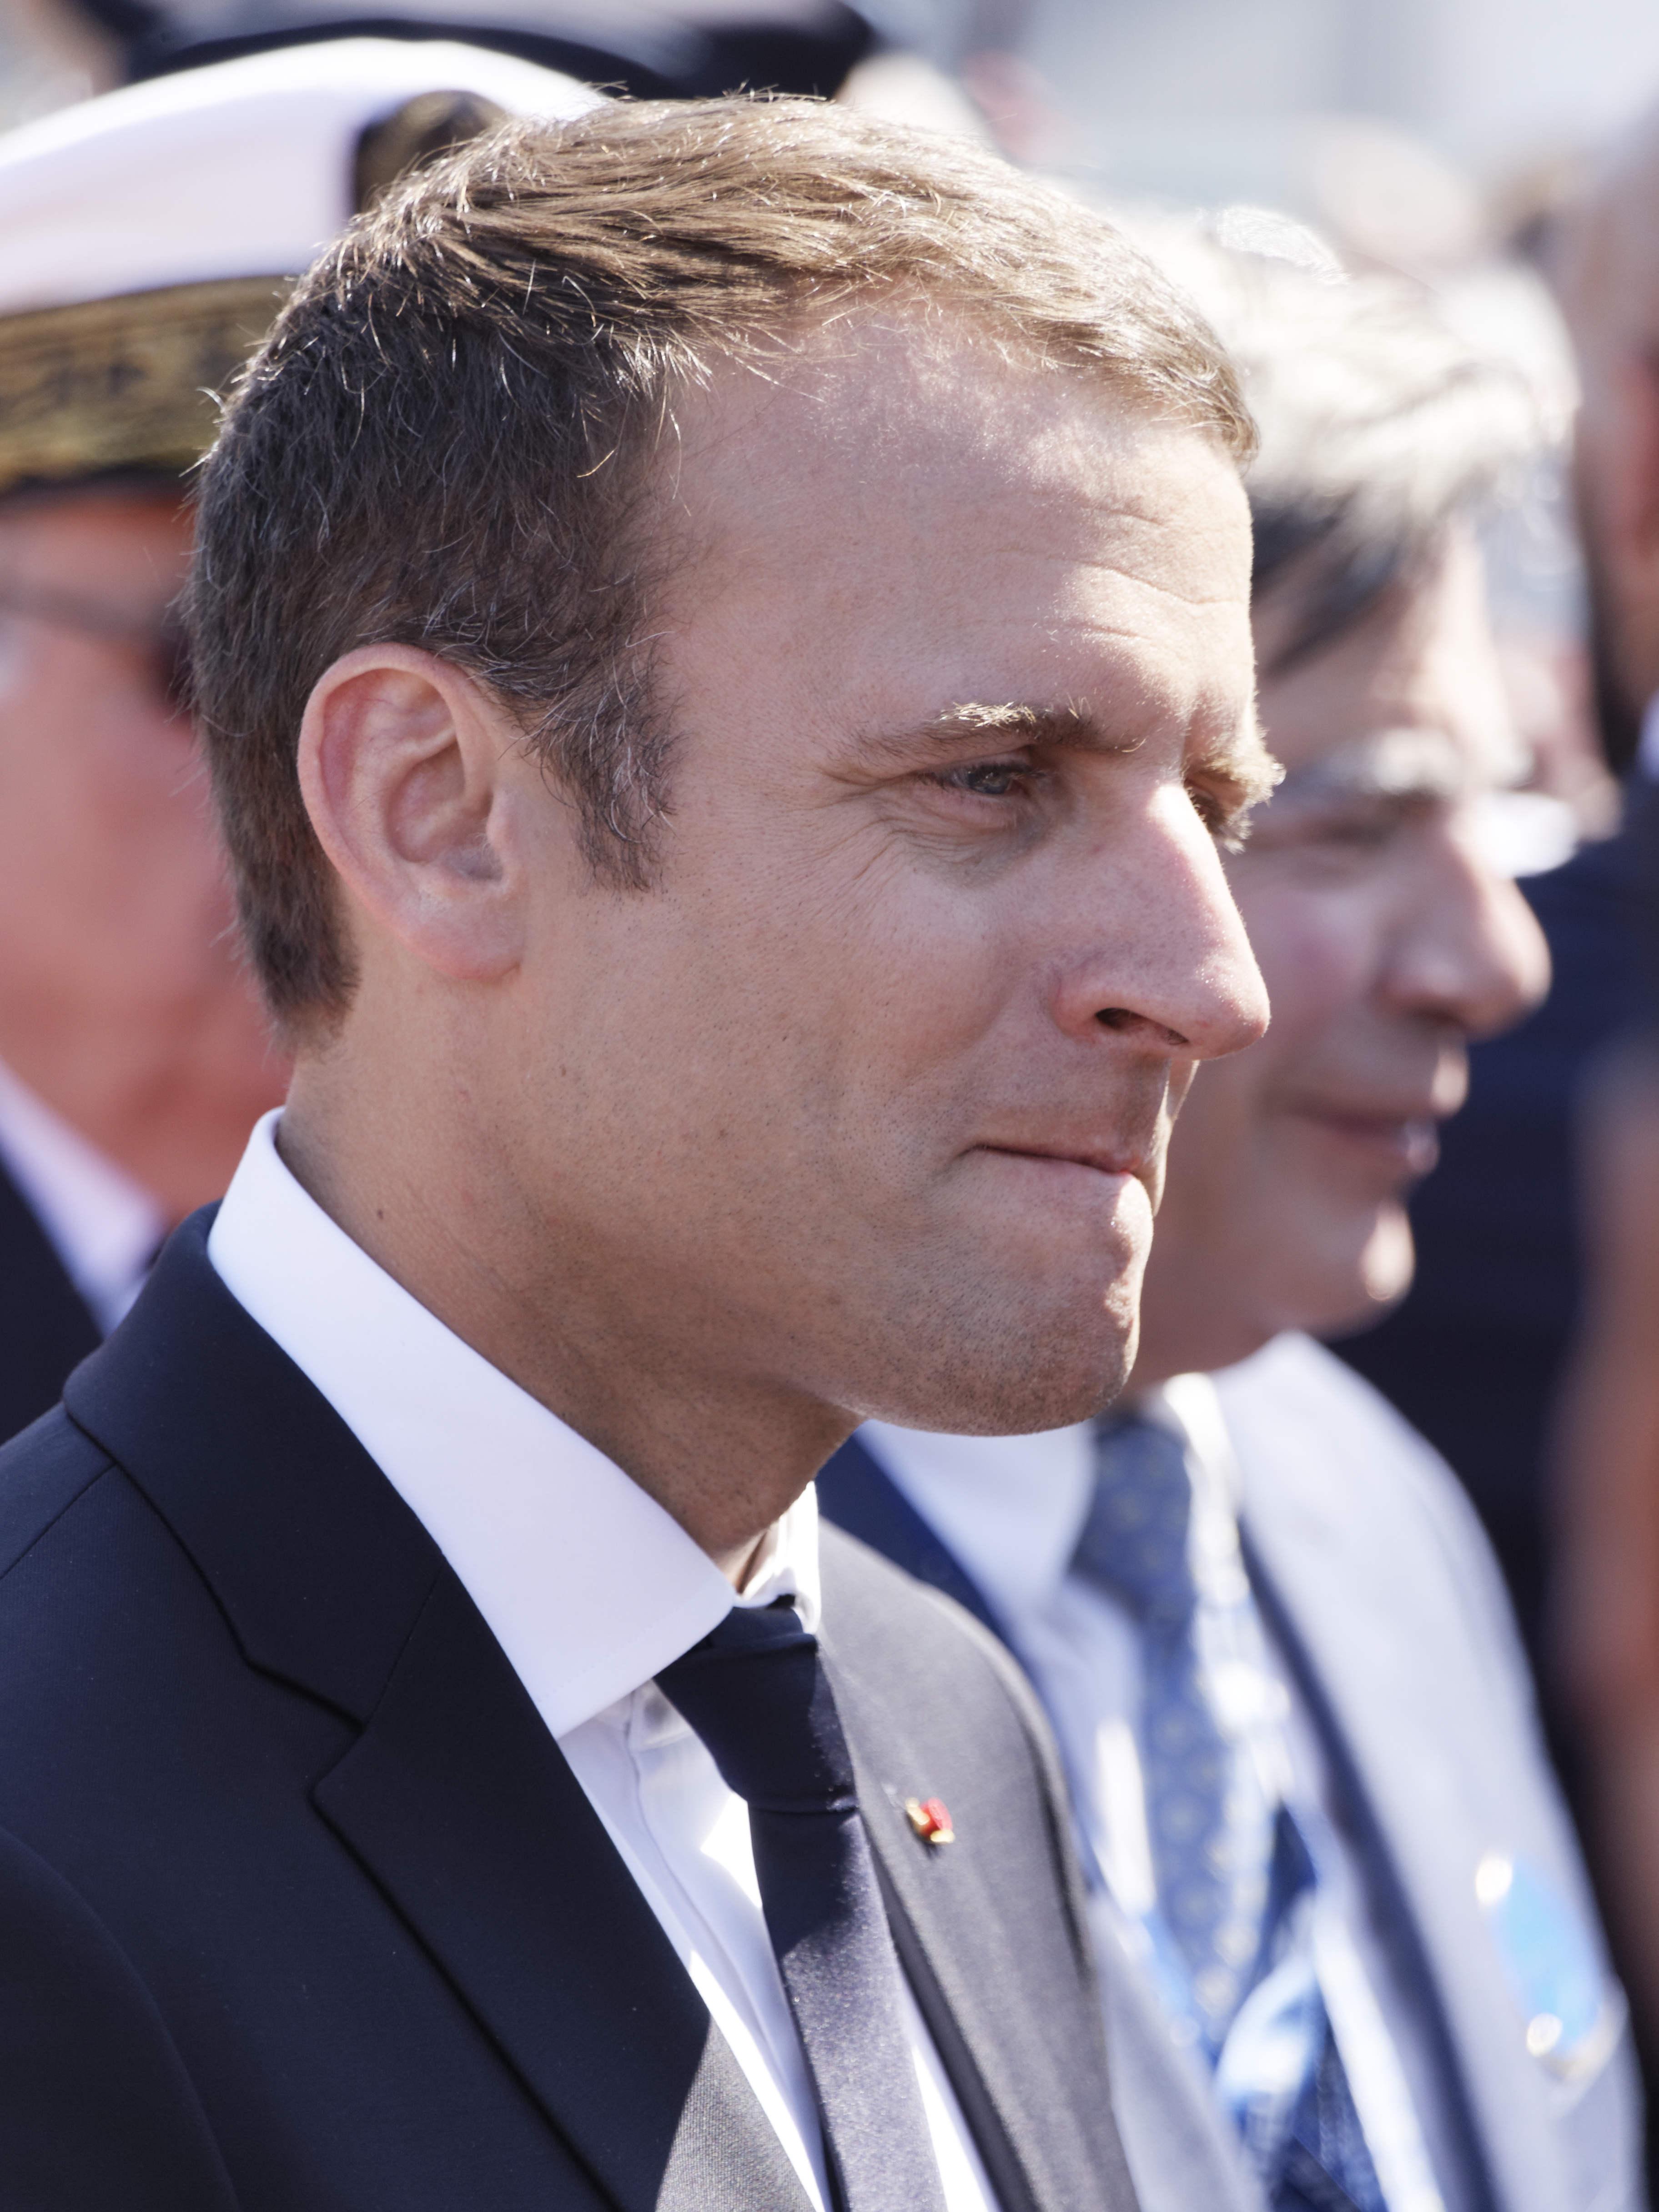 """Corée du Nord: Macron a appelé samedi """"à la responsabilité de tous et à prévenir toute escalade des tensions"""""""